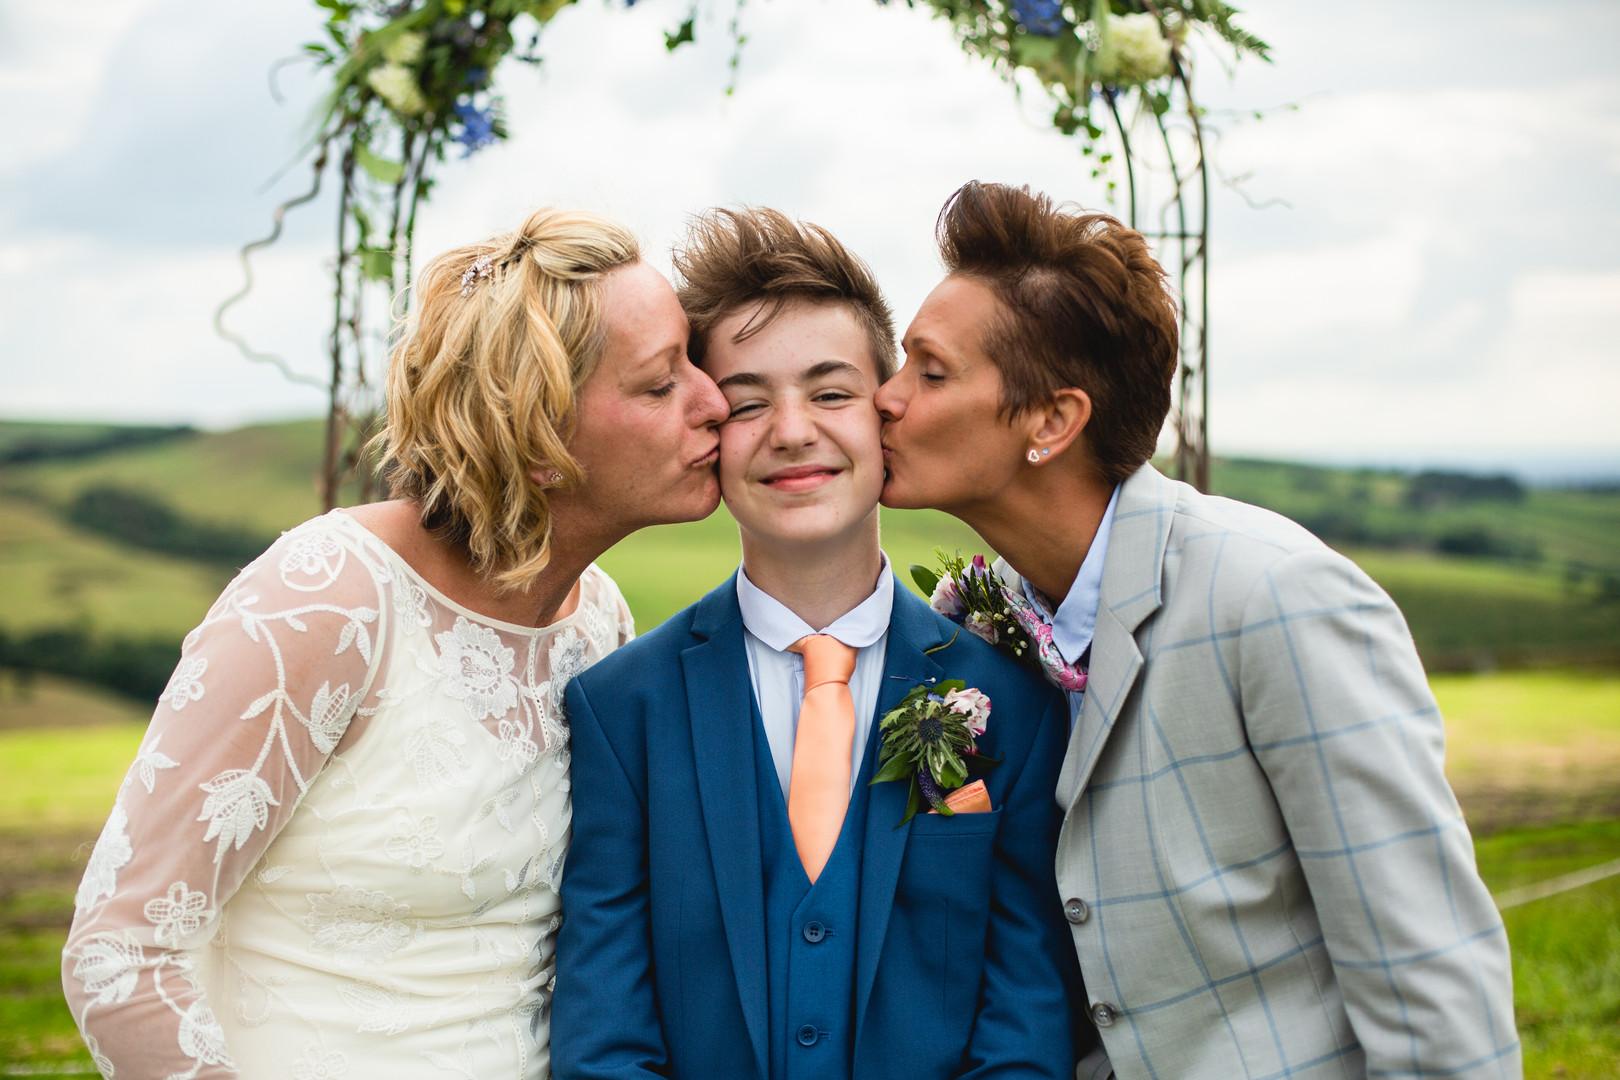 Couple kiss their son